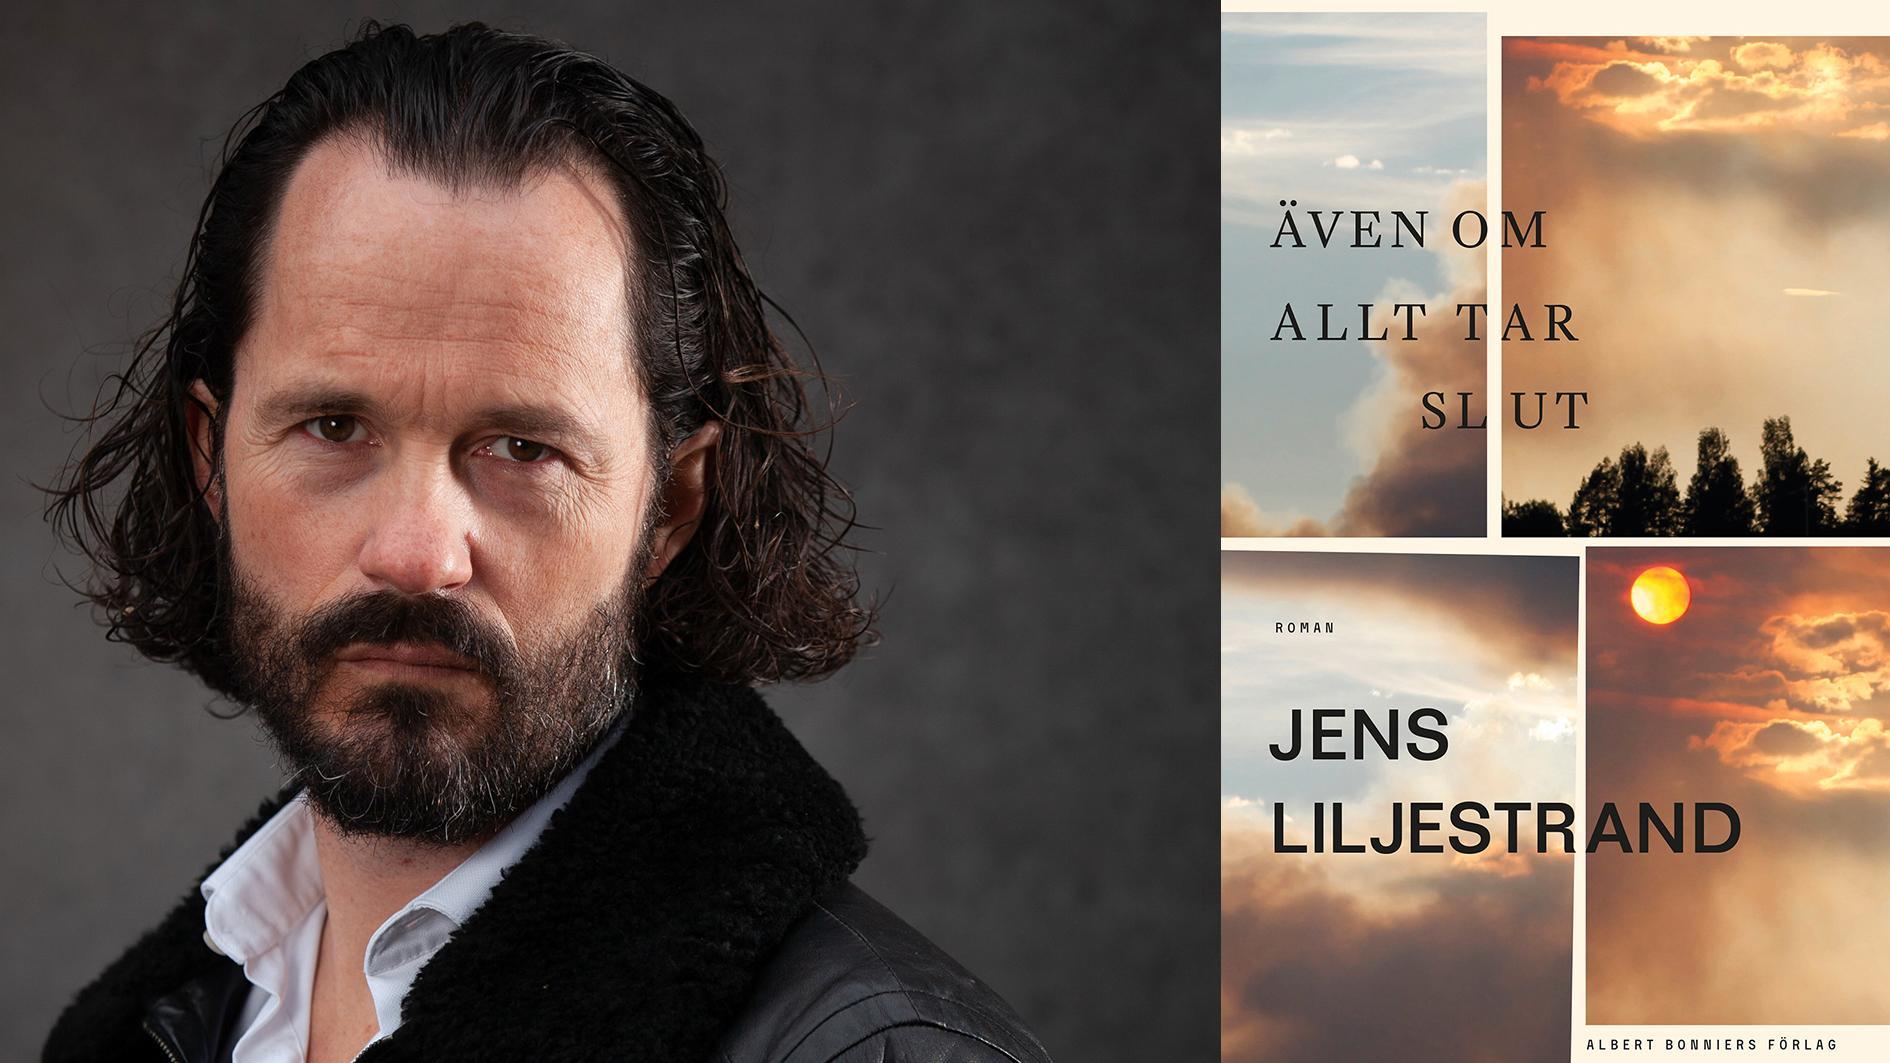 """Jens Liljestrand (född 1974) är litteraturvetare, kritiker och författare. """"Mannen i skogen: En biografi över Vilhelm Moberg"""" nominerades 2018 till Augustpriset. """"Även om allt tar slut"""" är hans andra roman."""